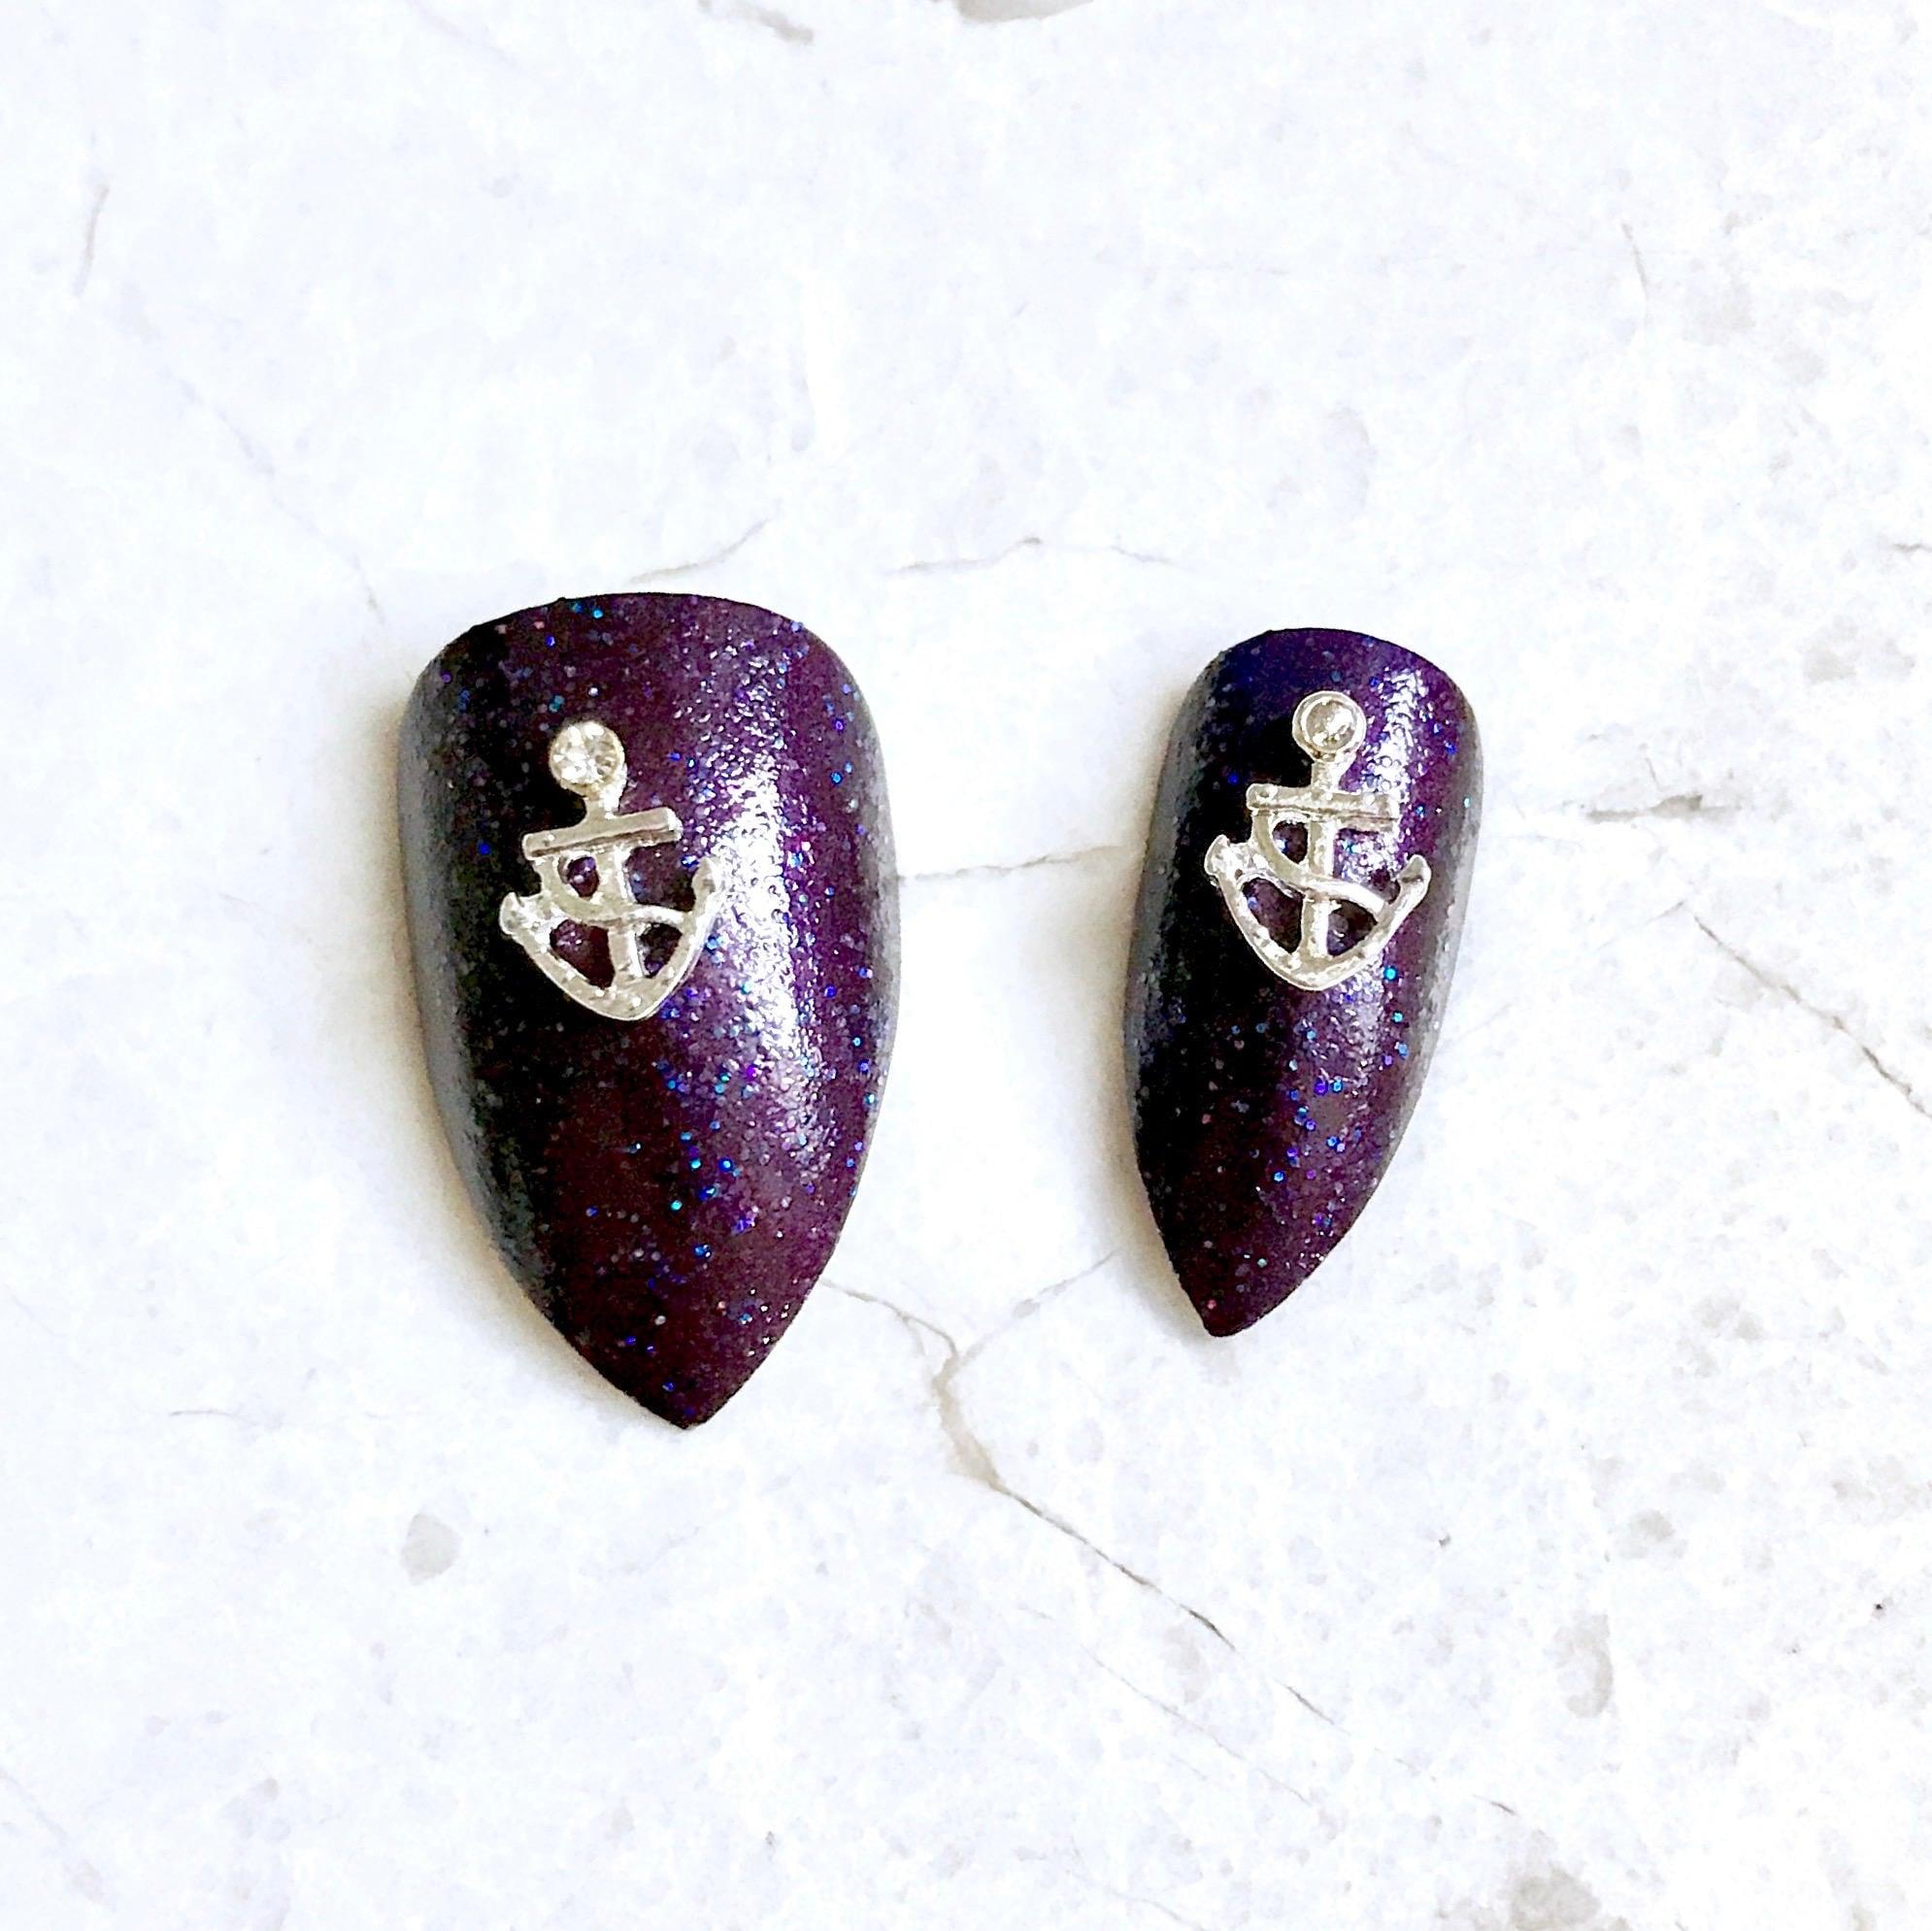 2 Silver Anchor Nail Charms - Nail Decorations - Nail Art - Nail ...